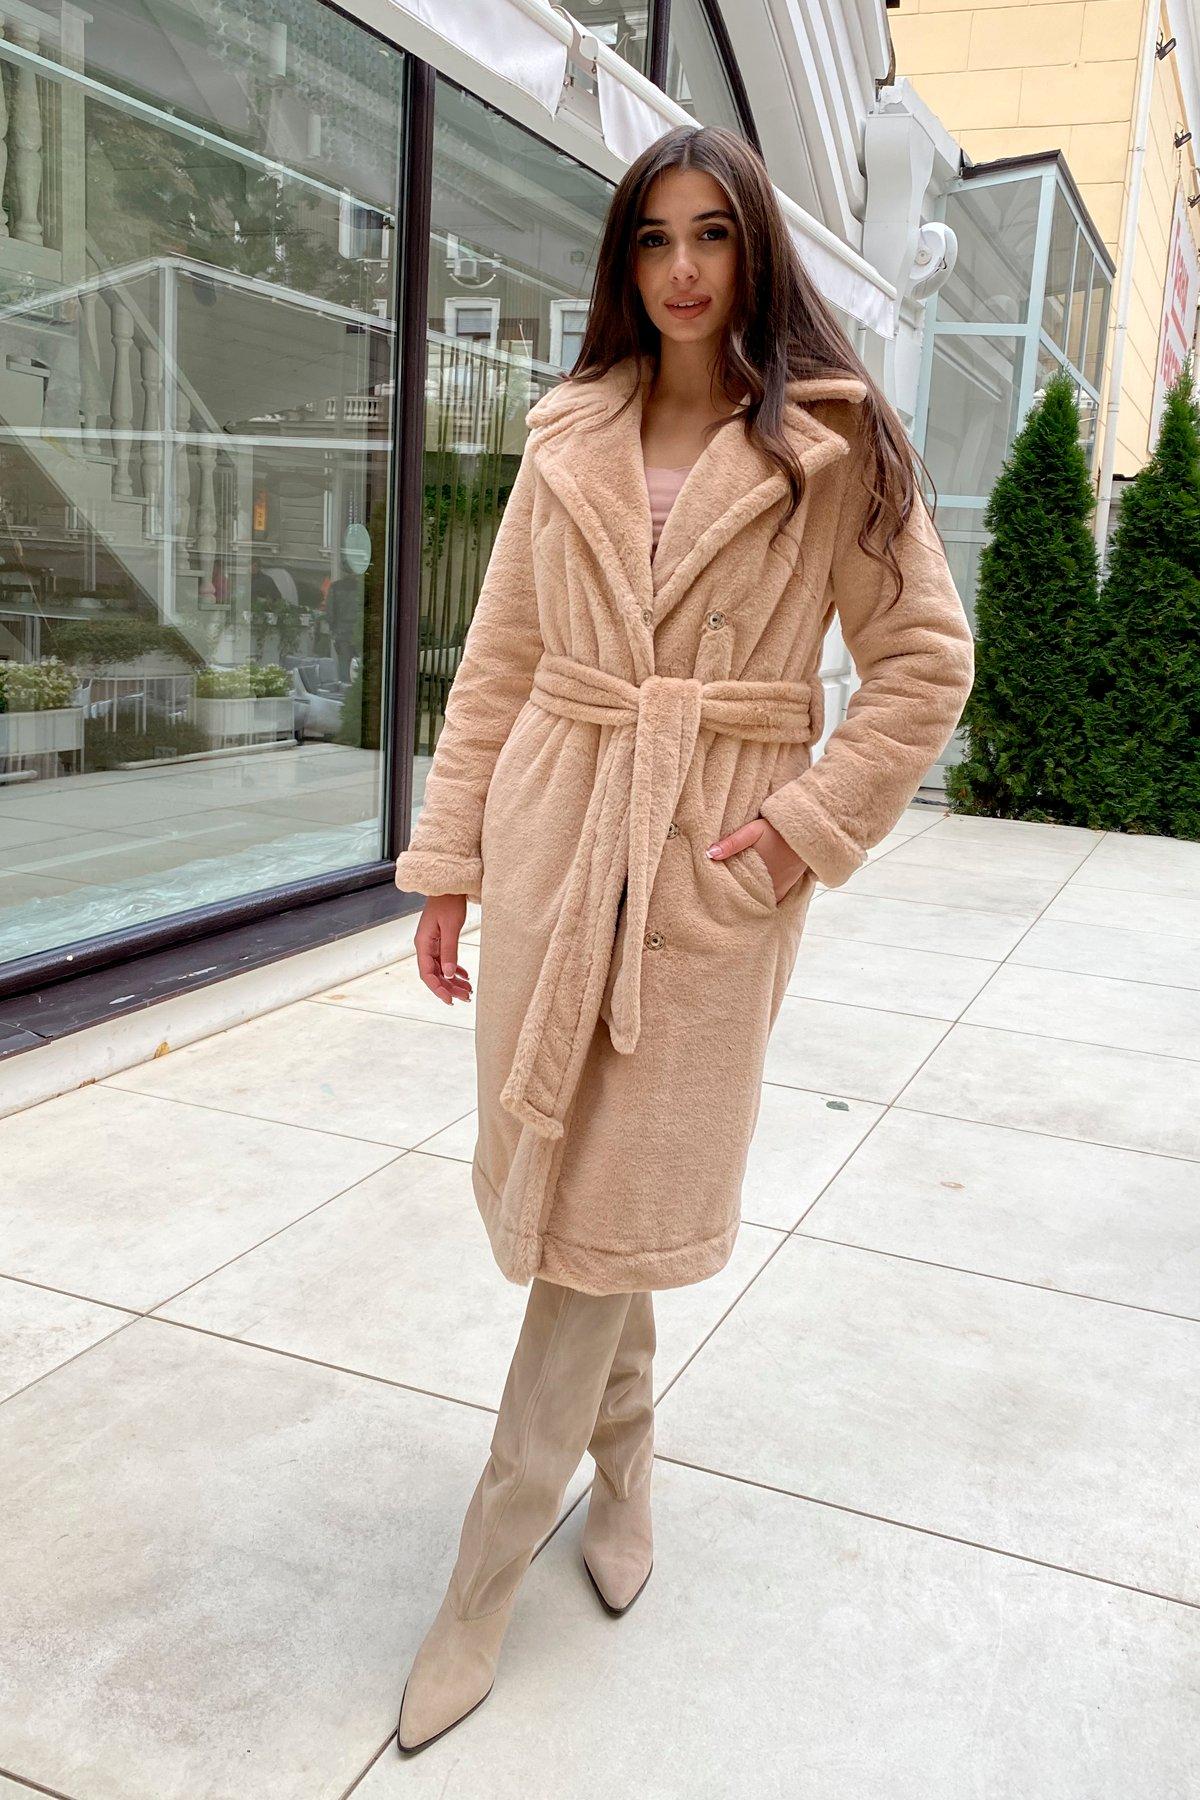 Зимнее пальто из искусственного меха норки Саманта 8641 АРТ. 44956 Цвет: Бежевый - фото 11, интернет магазин tm-modus.ru